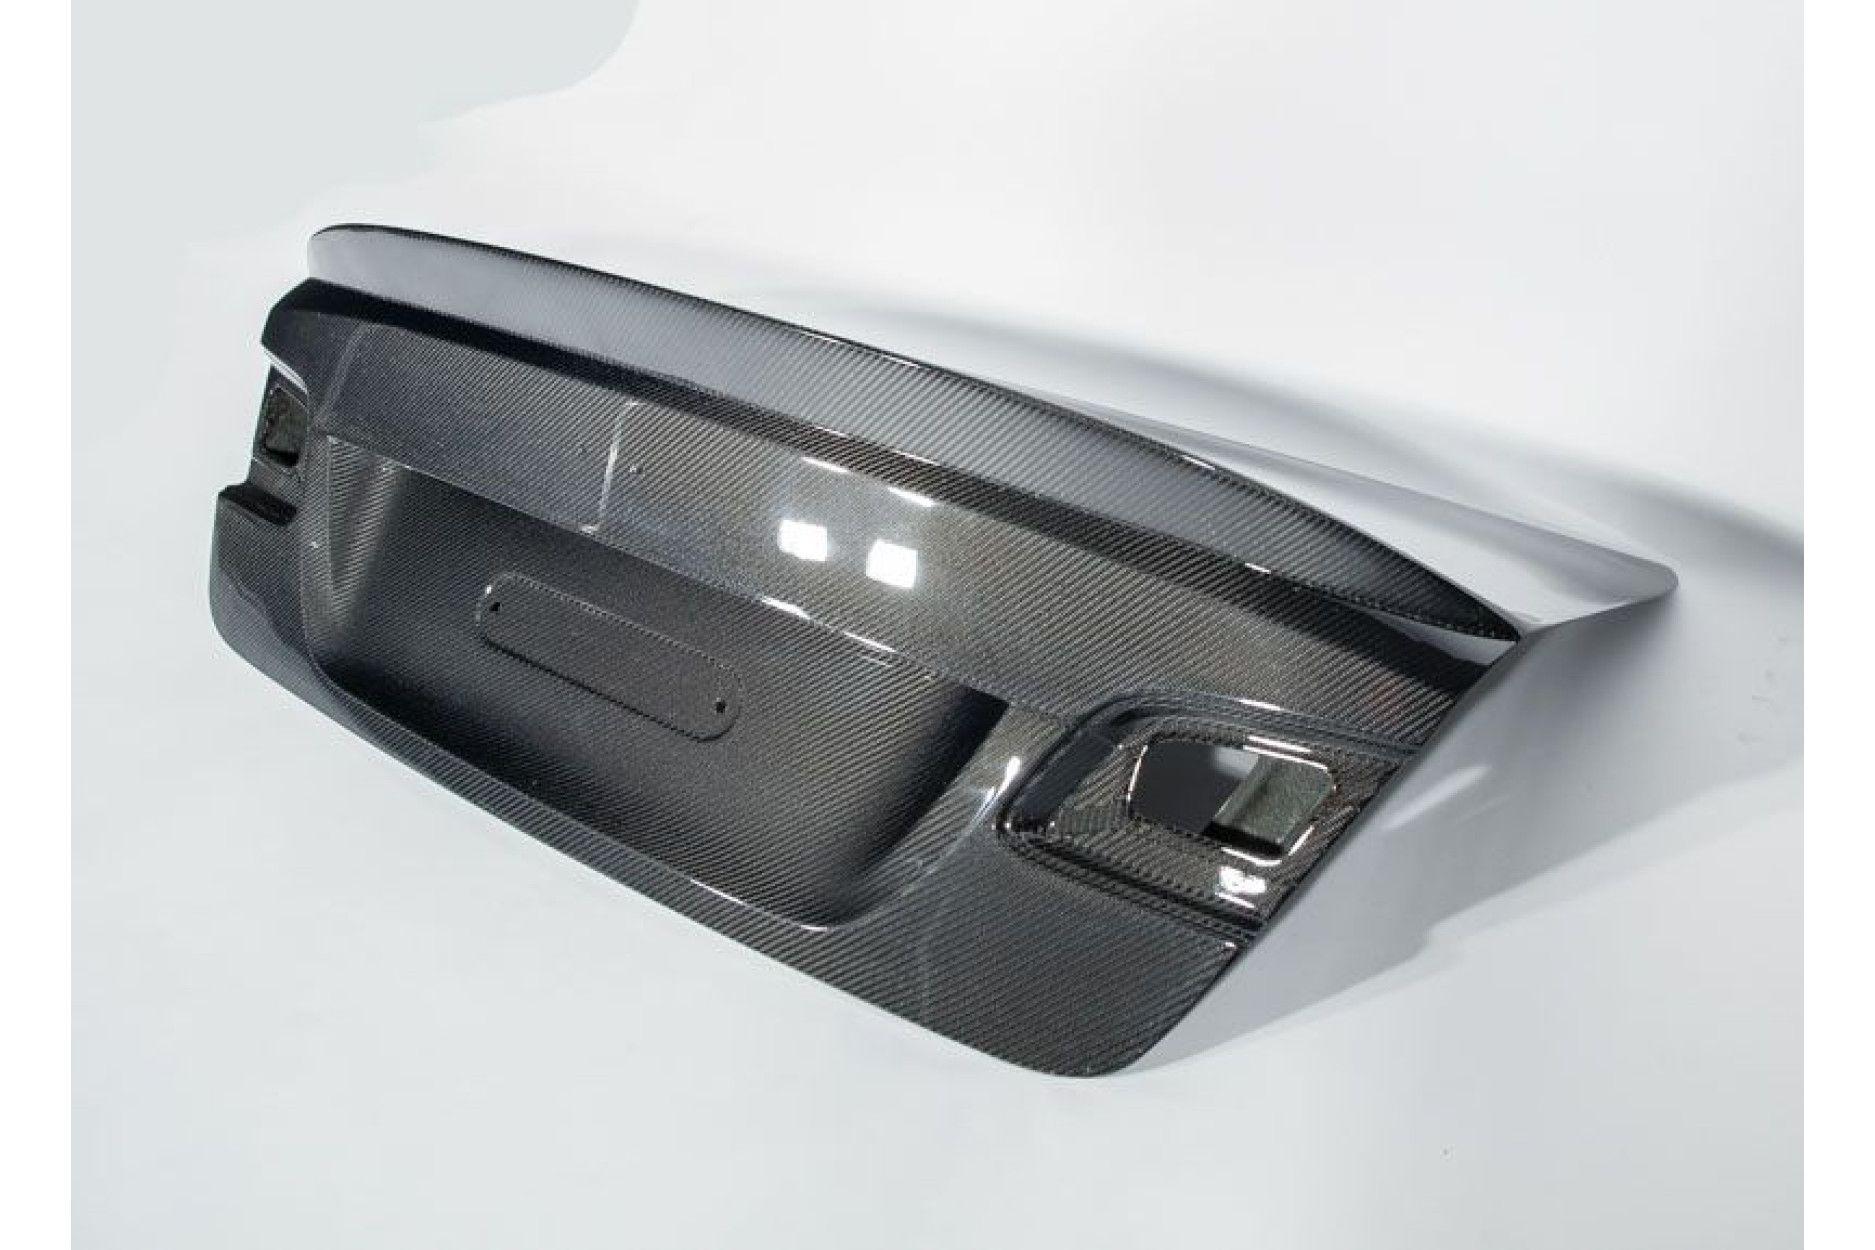 Boca Carbon Heckdeckel für BMW 3er E92 - ähnlich Performance